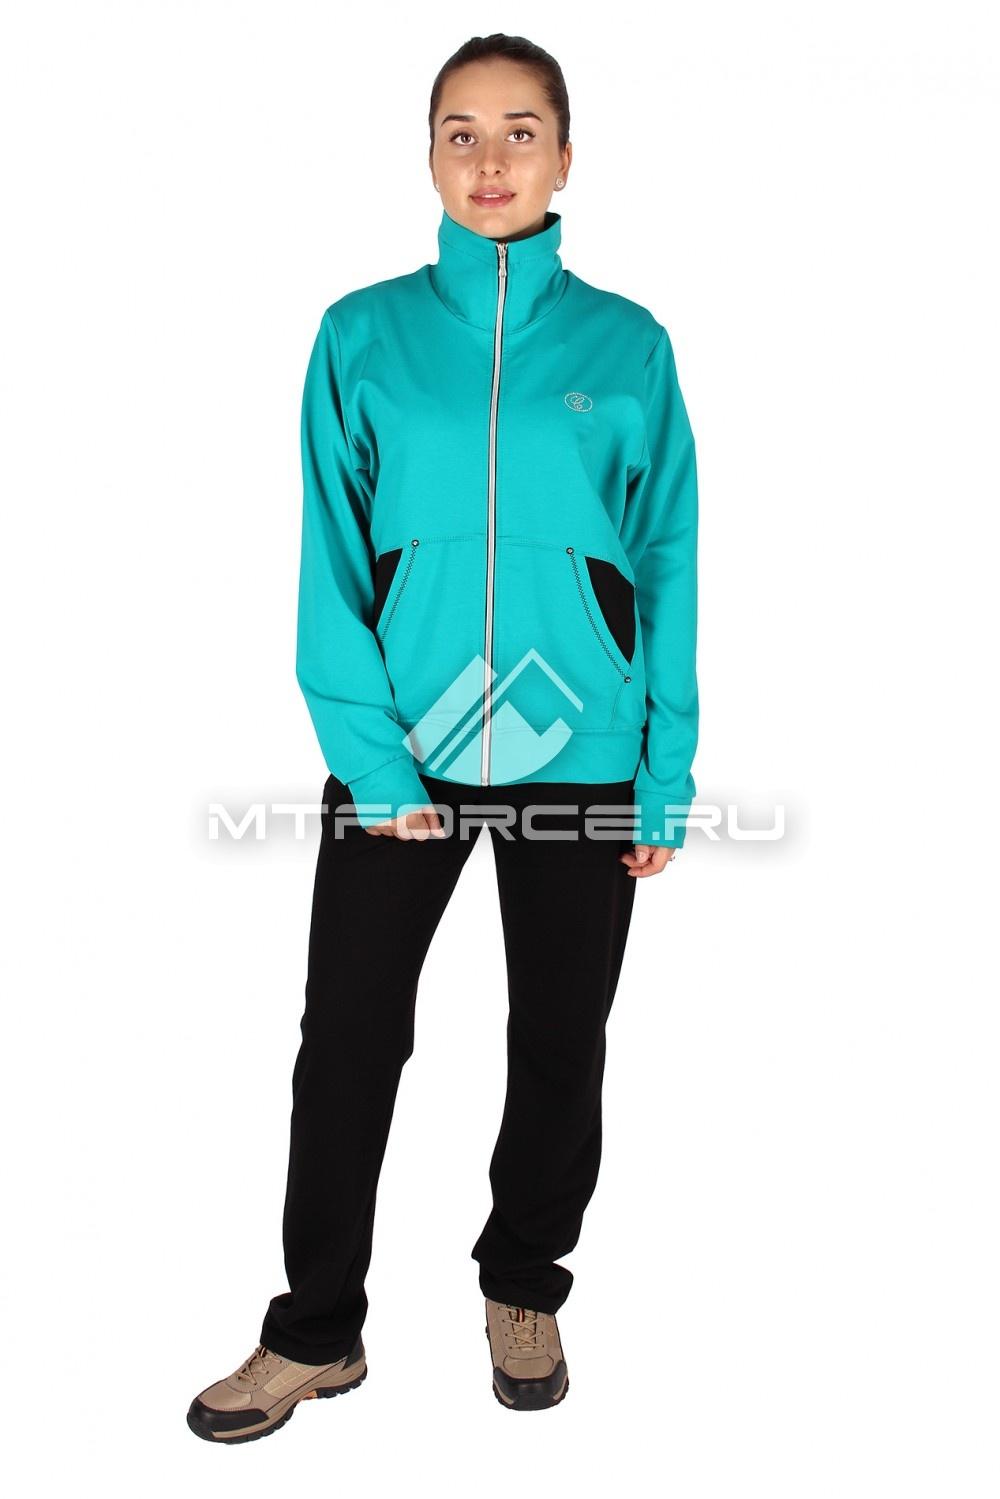 Купить                                  оптом Спортивный костюм женский большого размера бирюзового цвета 0021Br в Новосибирске